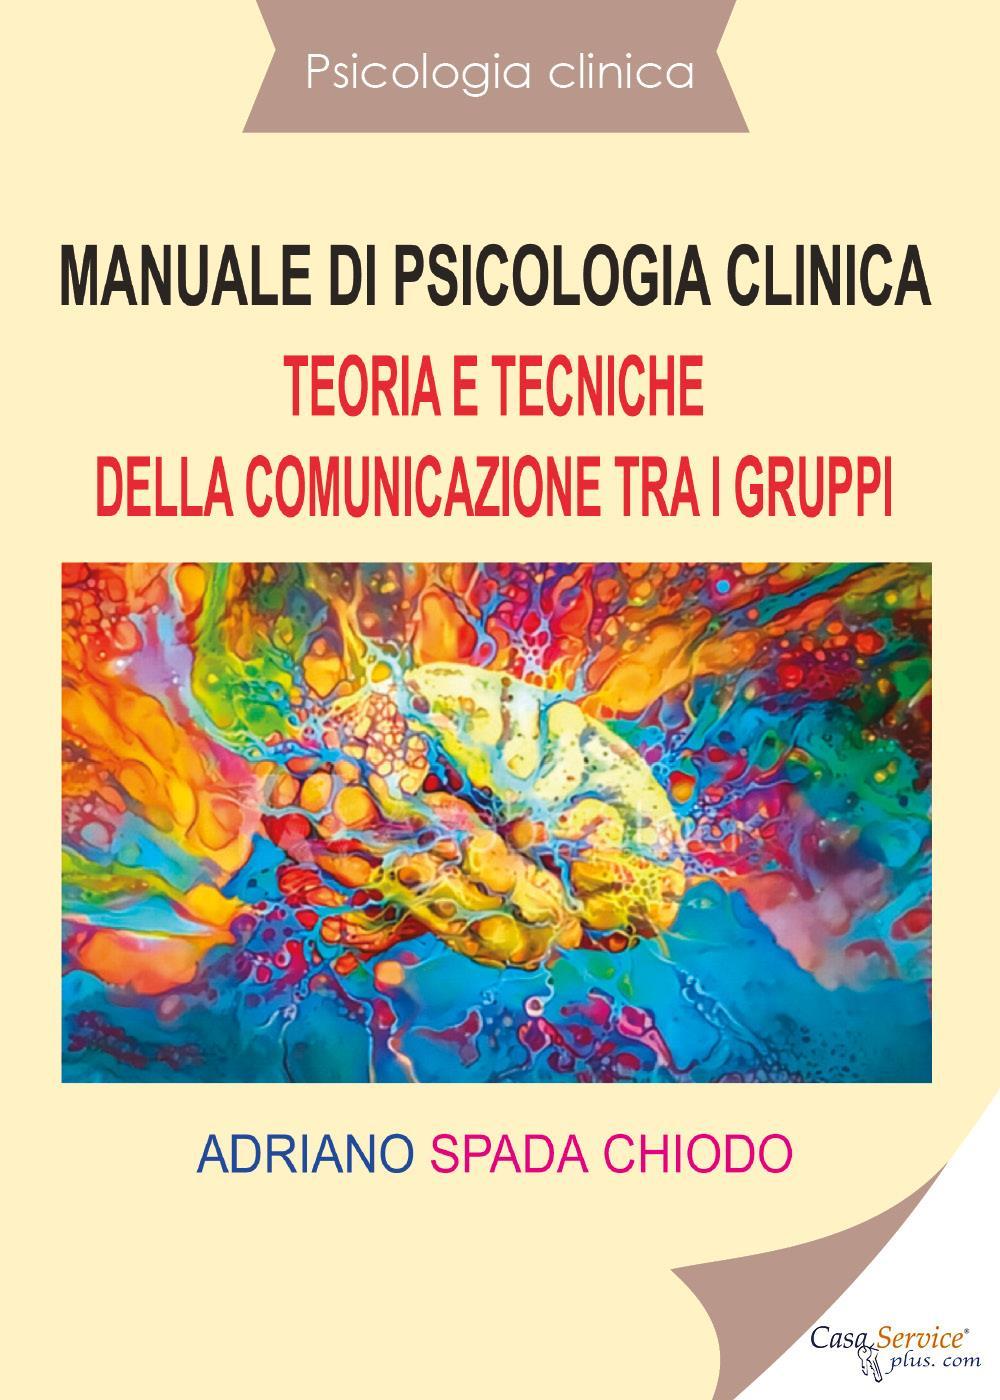 Psicologia clinica - Manuale di psicologia clinica - Teoria e tecniche della comunicazione tra i gruppi